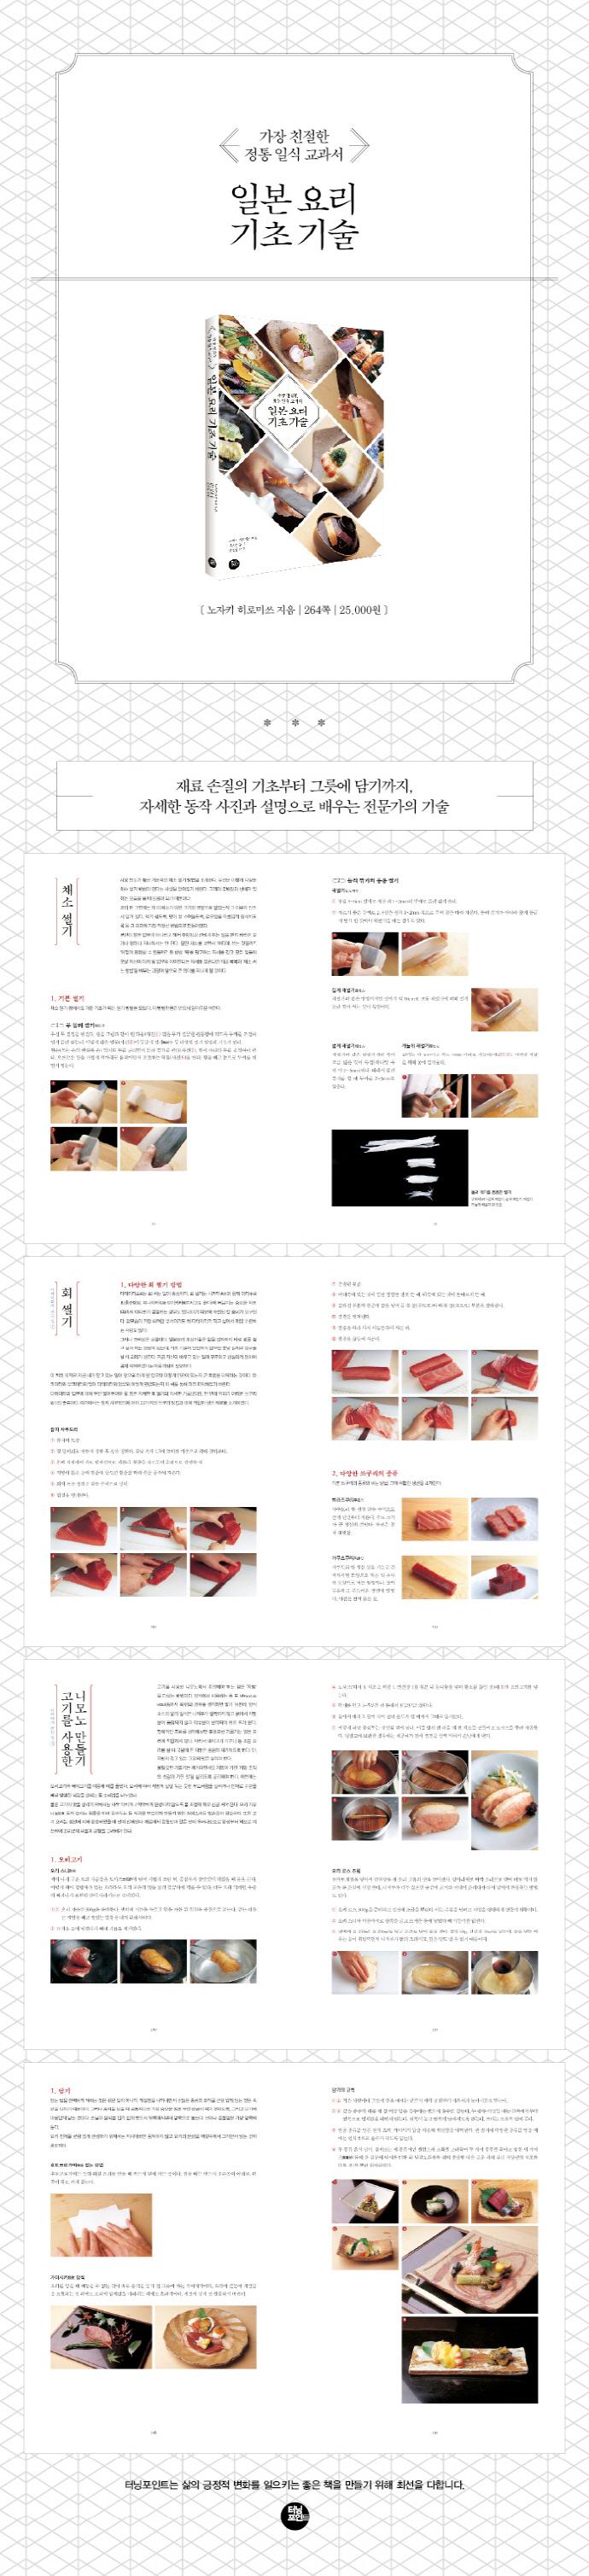 일본 요리 기초 기술 도서 상세이미지